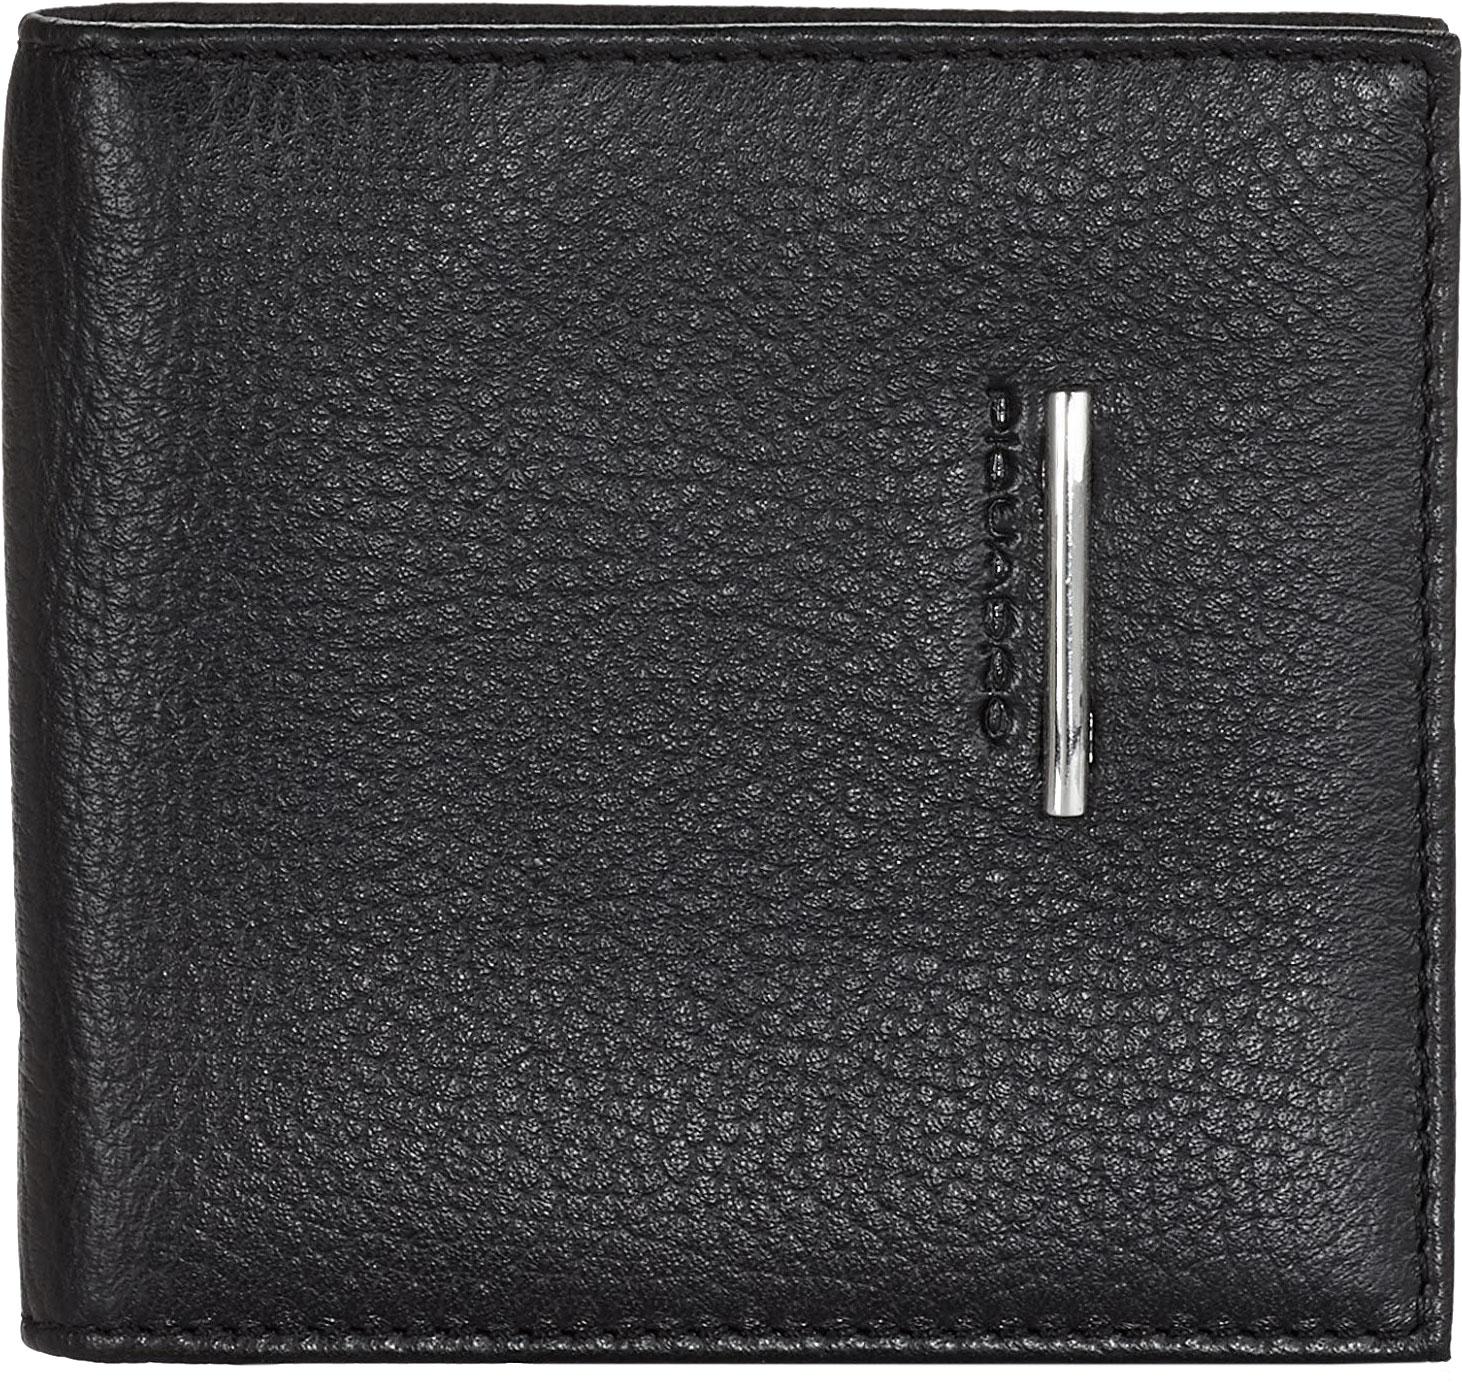 Фото - Кошельки бумажники и портмоне Piquadro PU1666MO/N кошельки бумажники и портмоне piquadro pd3211b2 n